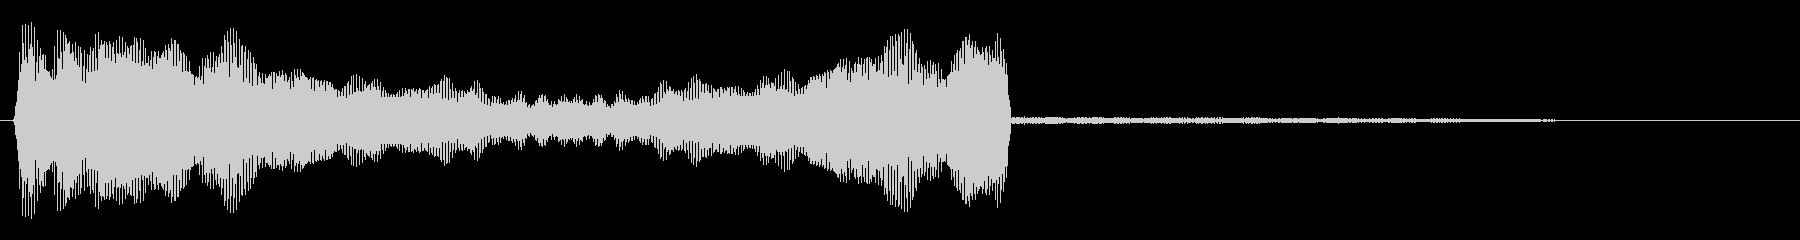 ピーーン (透明感のある発射音)の未再生の波形